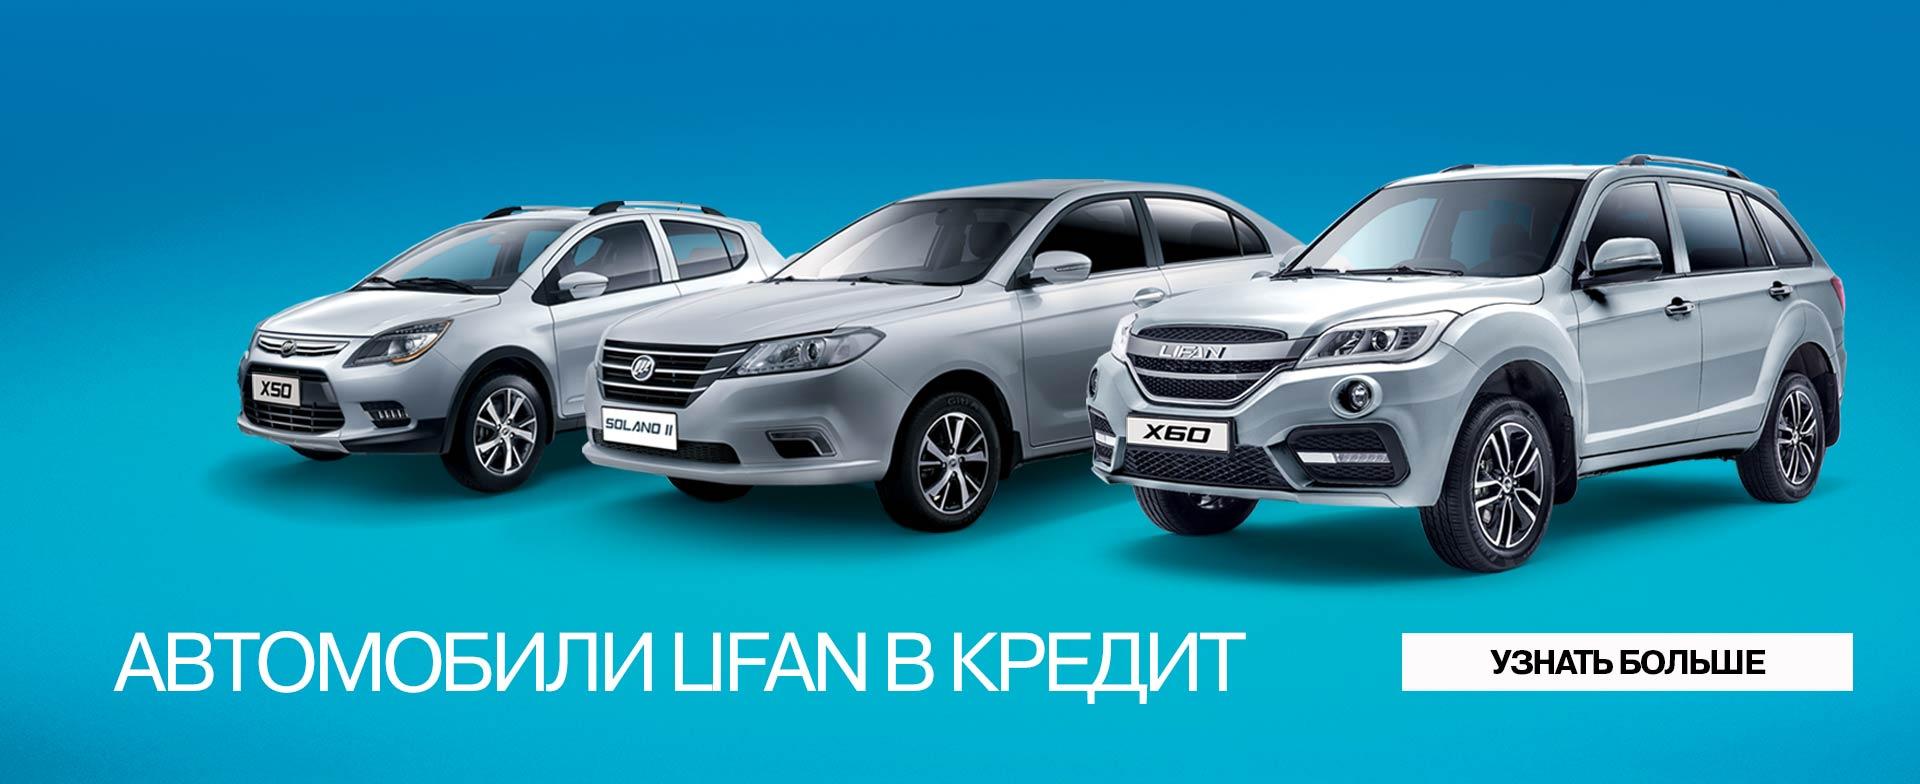 Авто в кредит в белоруссии